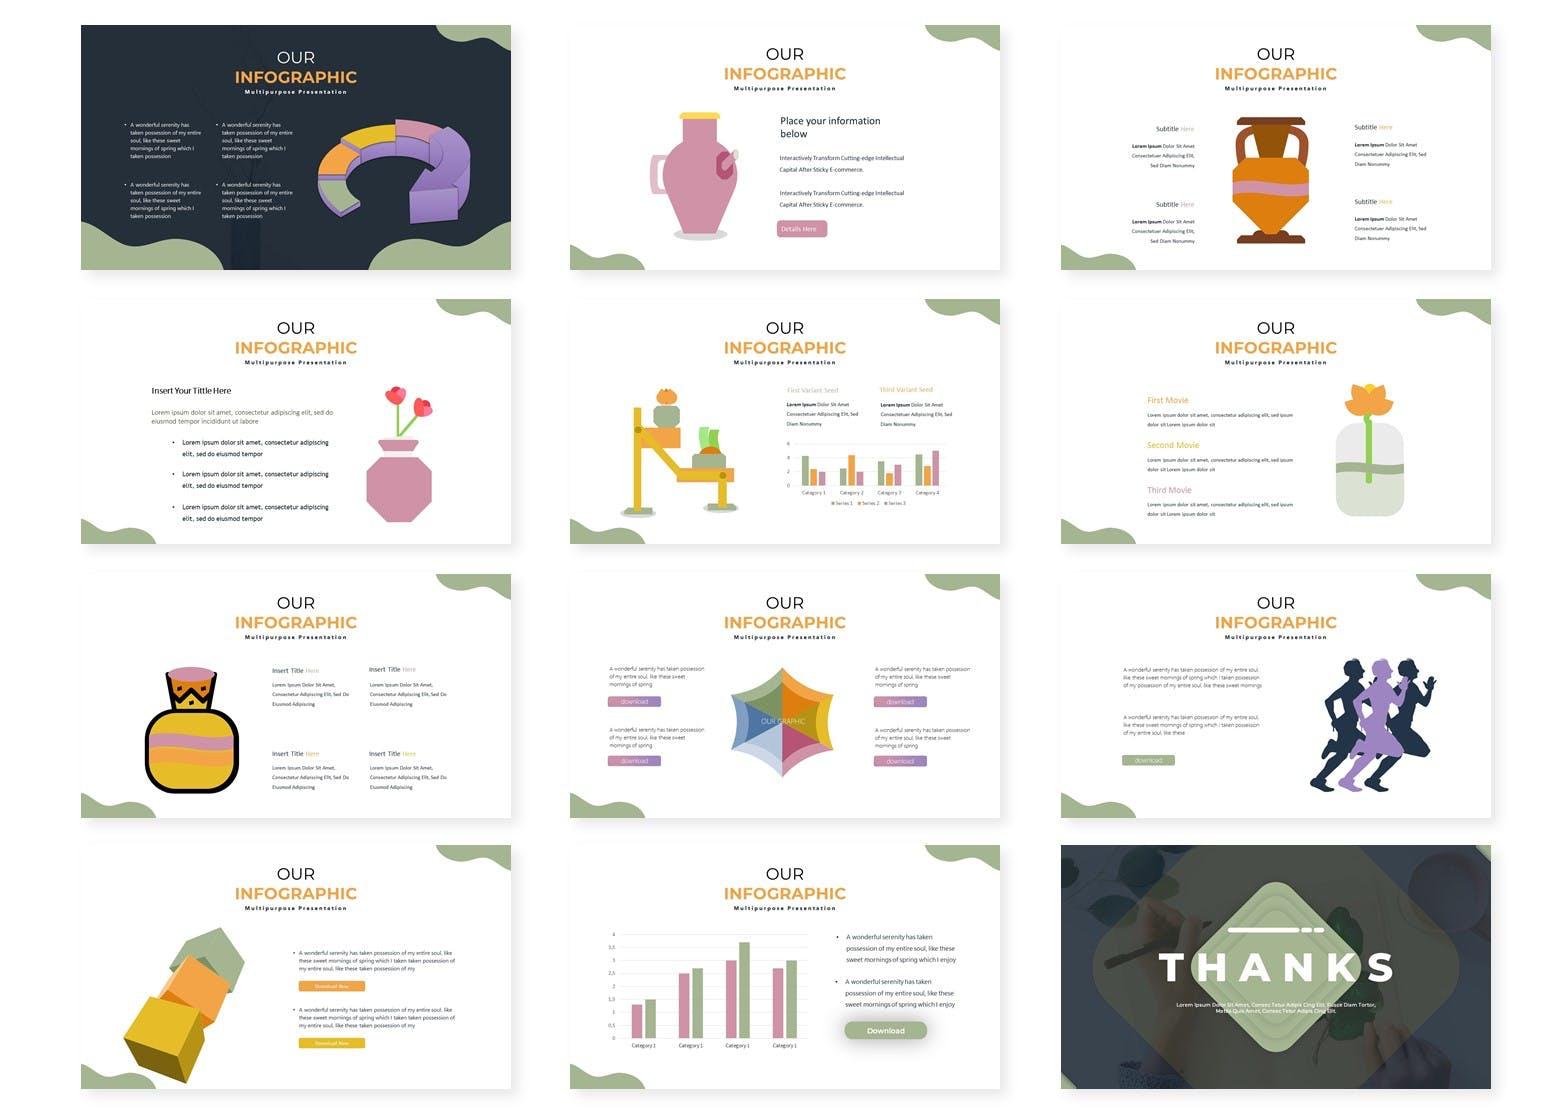 商务营销策划幻灯片模板下载Vaseque Keynote Template插图(2)